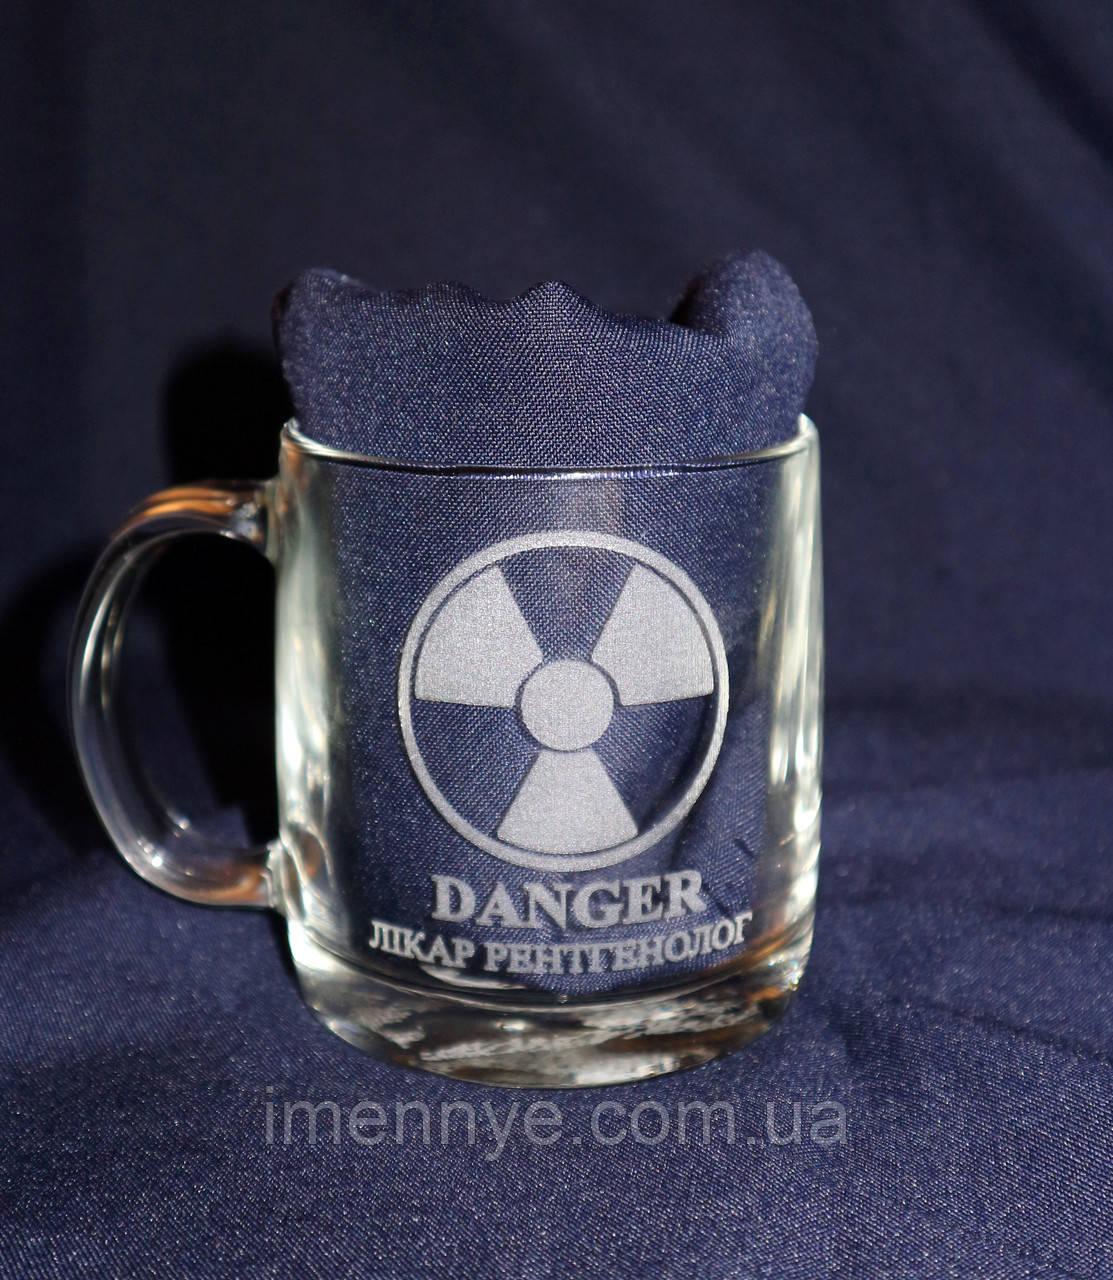 Настоящий подарок кофейная чашка с надписью